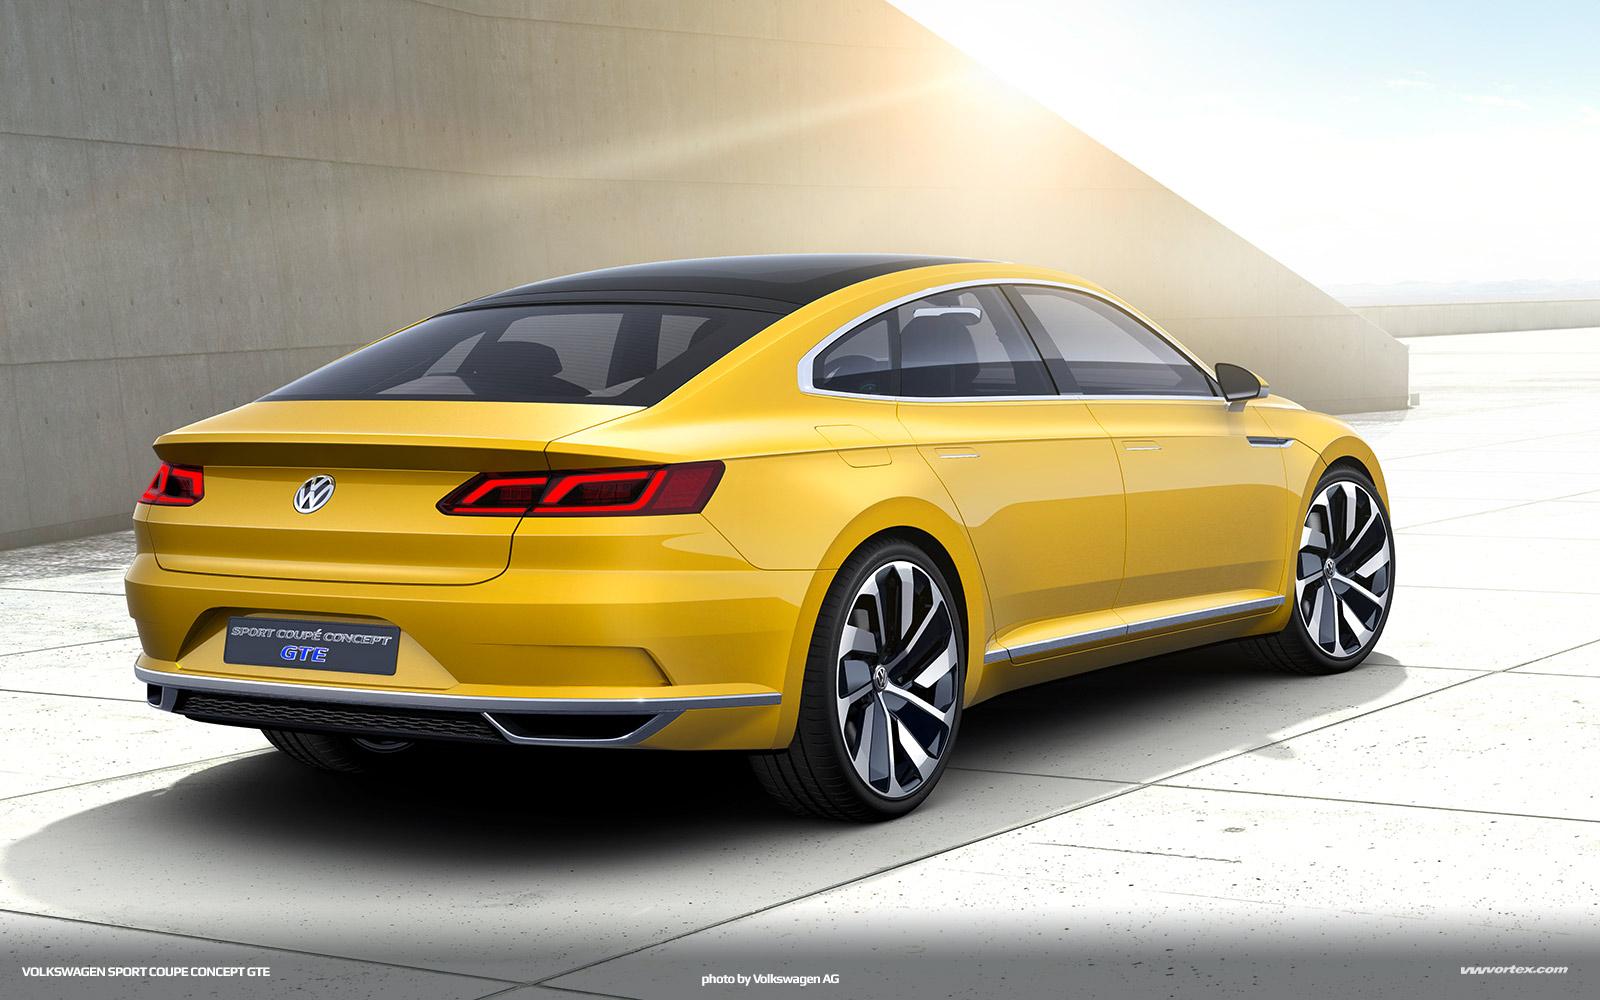 VW_Sport_Coupe_Concept_GTE_EXT_010